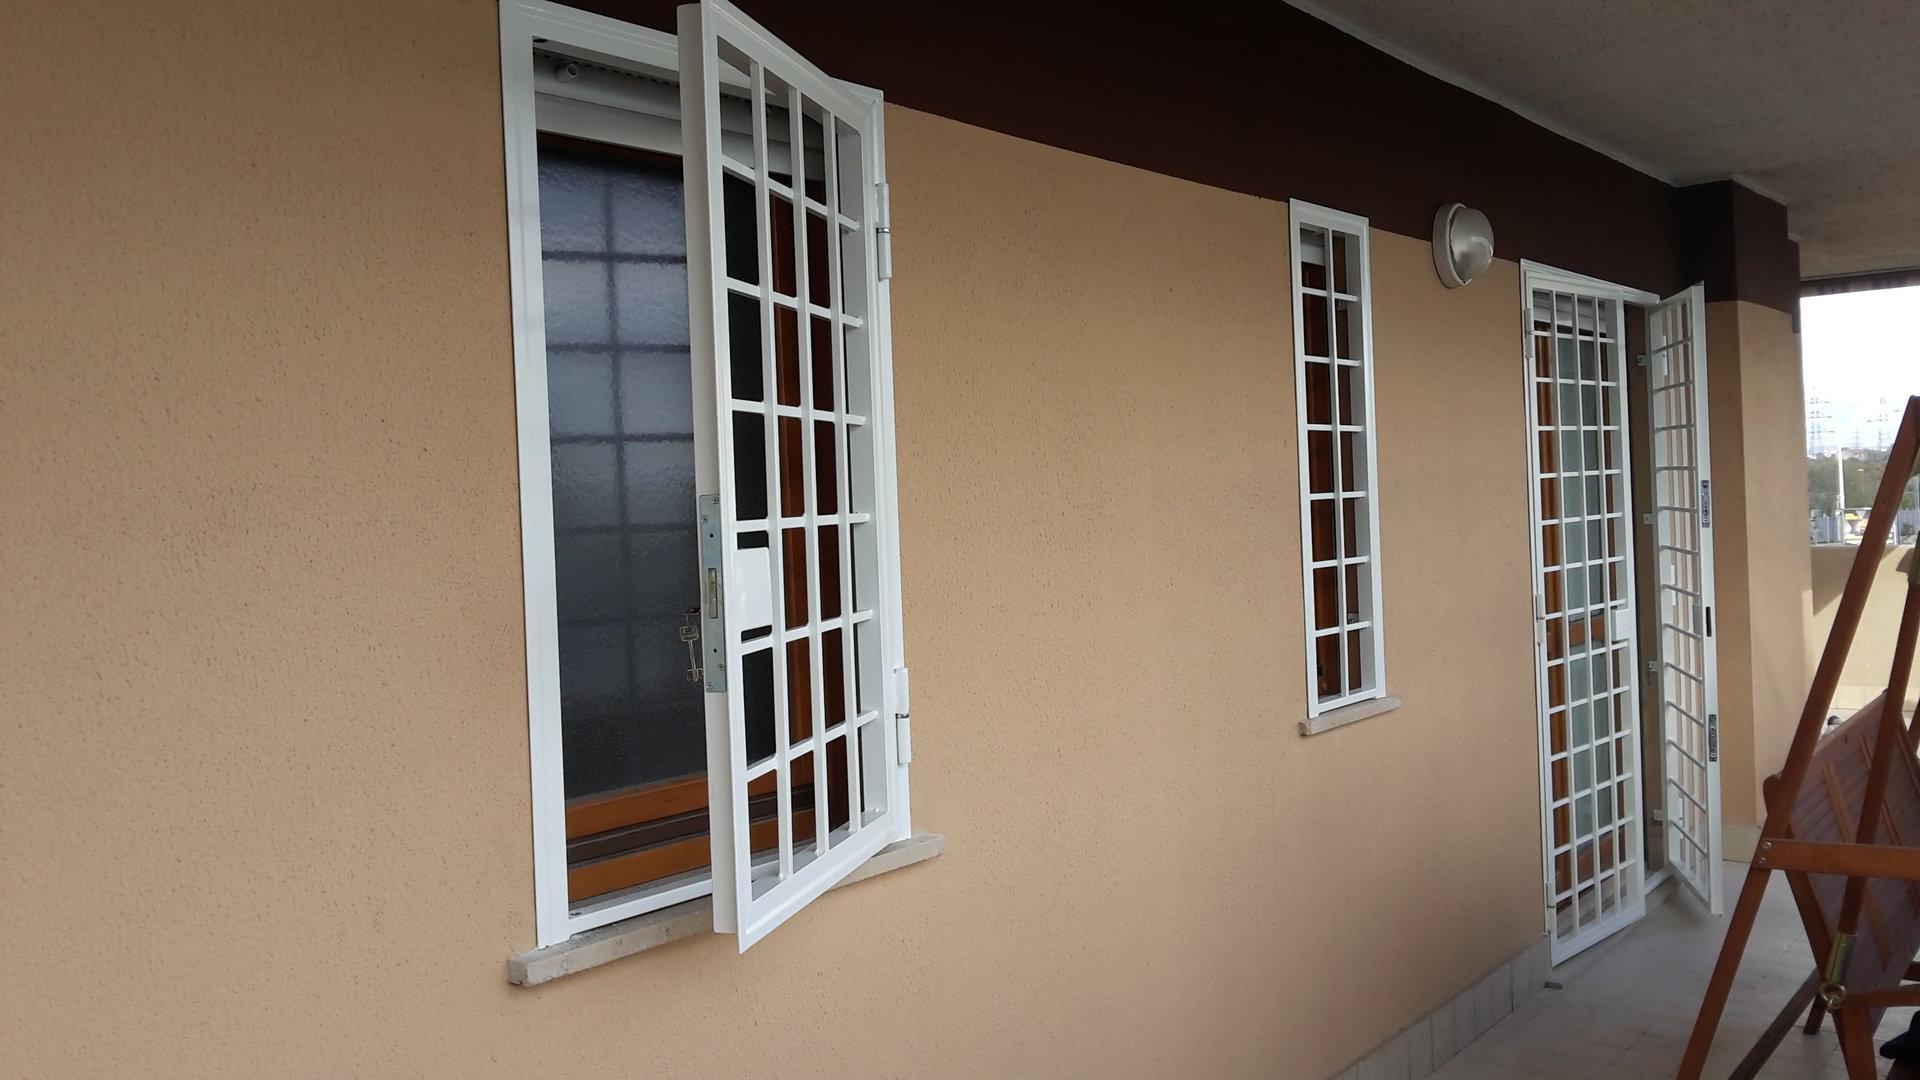 Grate di protezione per porte e finestre eurotendesud 2000 srl tende da sole - Protezioni per finestre ...